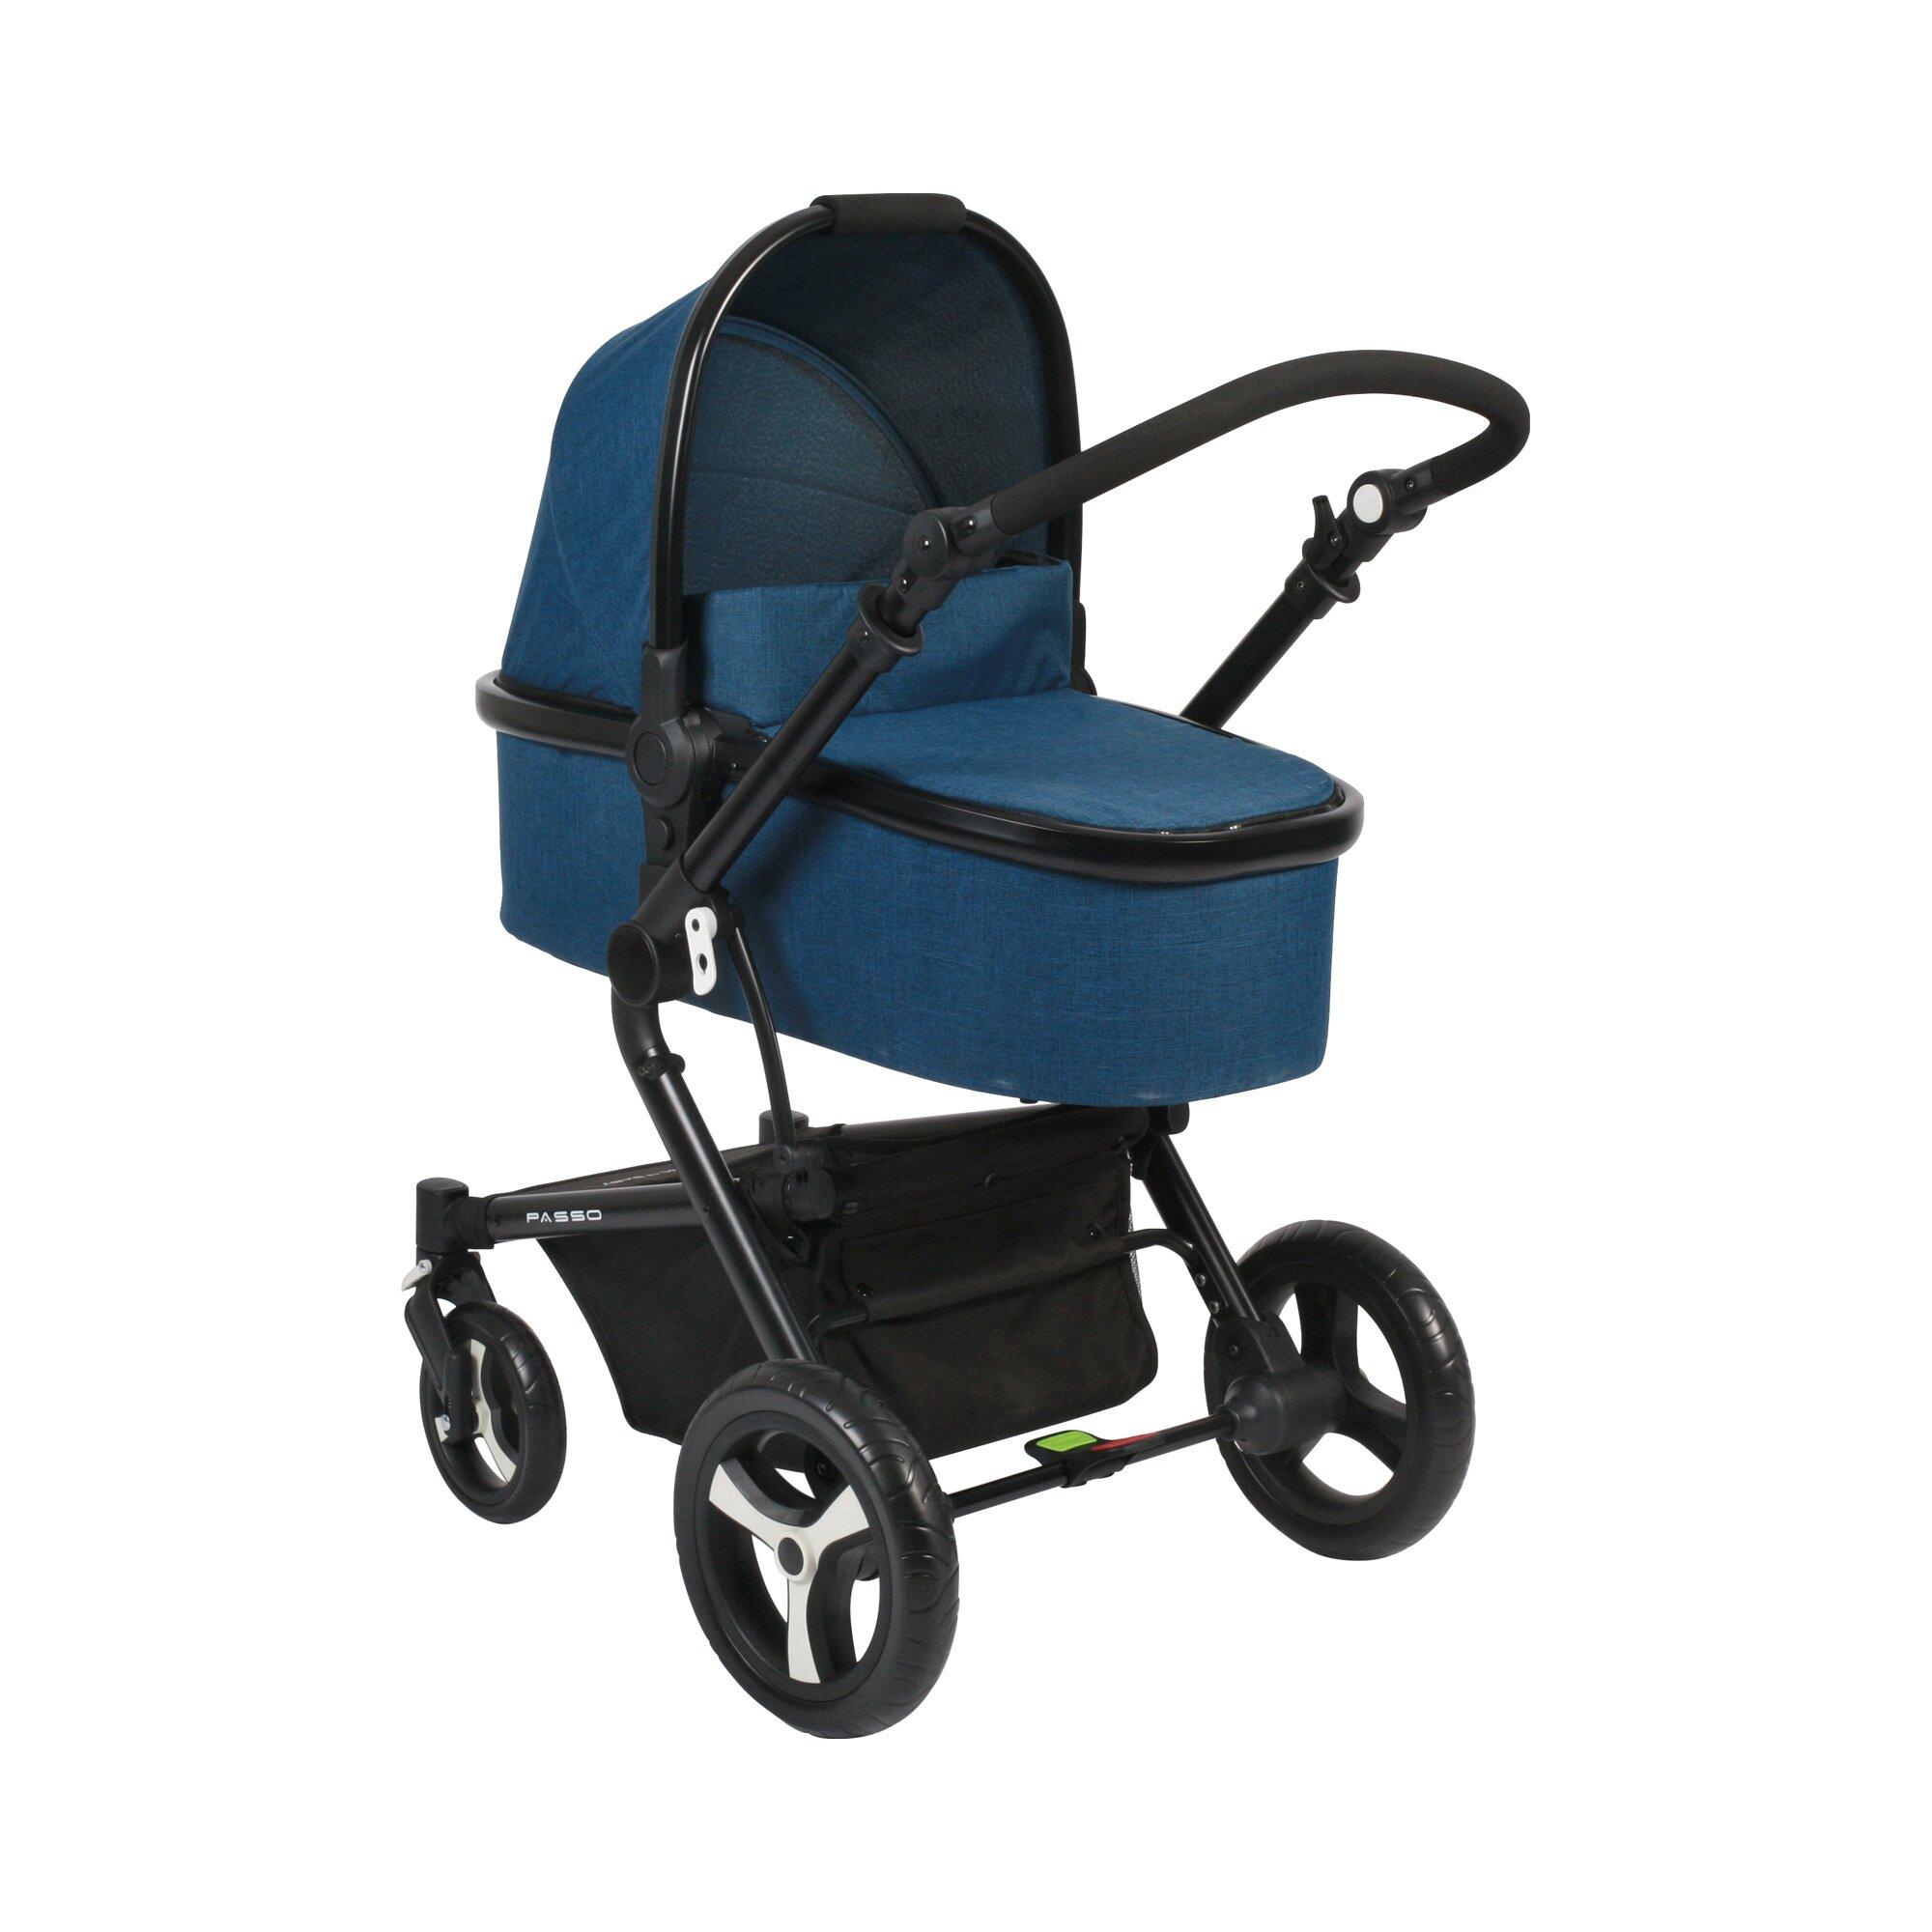 chic-4-baby-passo-kombikinderwagen-design-2018-blau